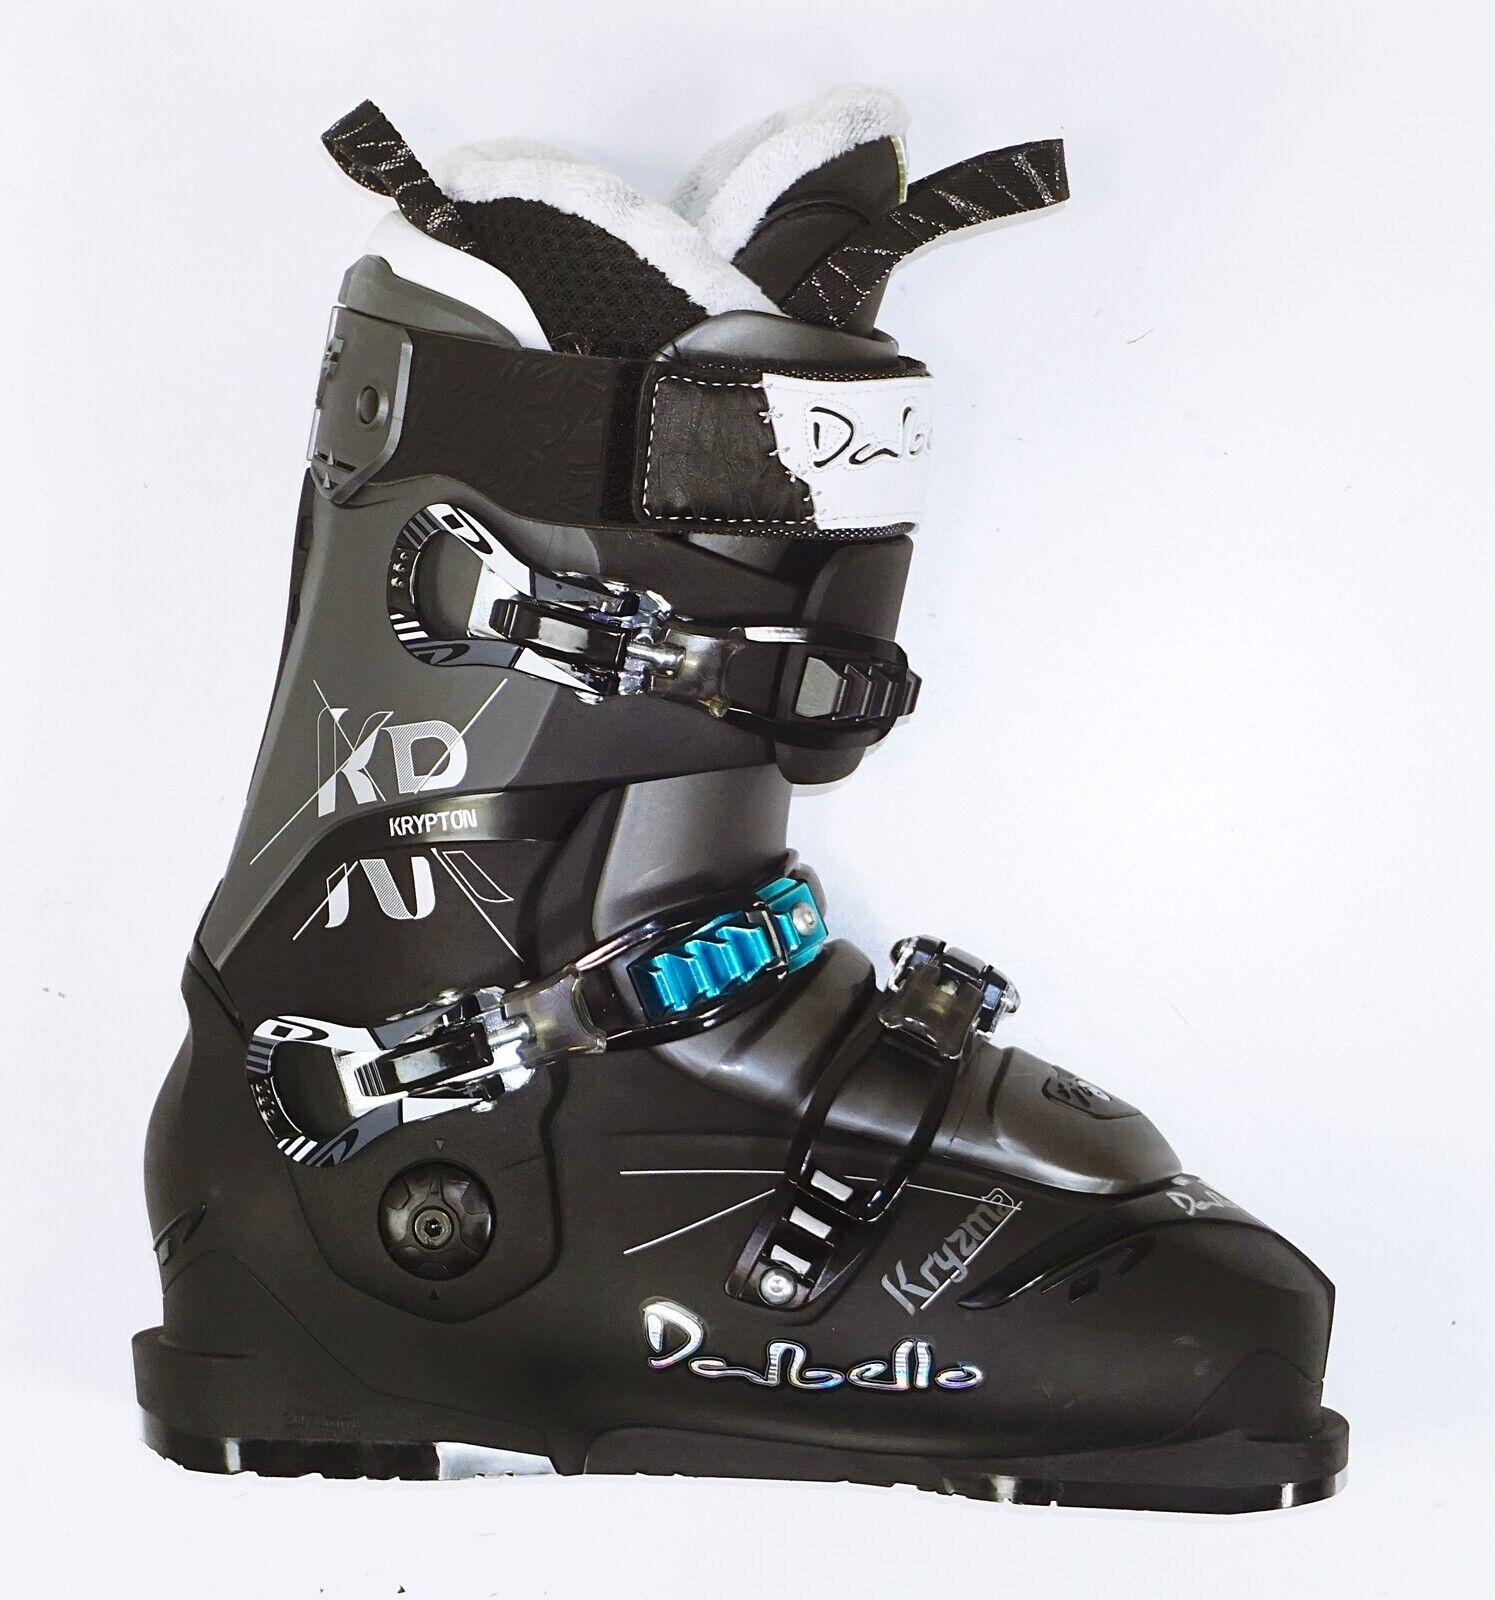 Dalbello Krypton Kryzma 115 Damen Skischuhe MP 26,5 größe 41,5 Flex 115  (FH738)